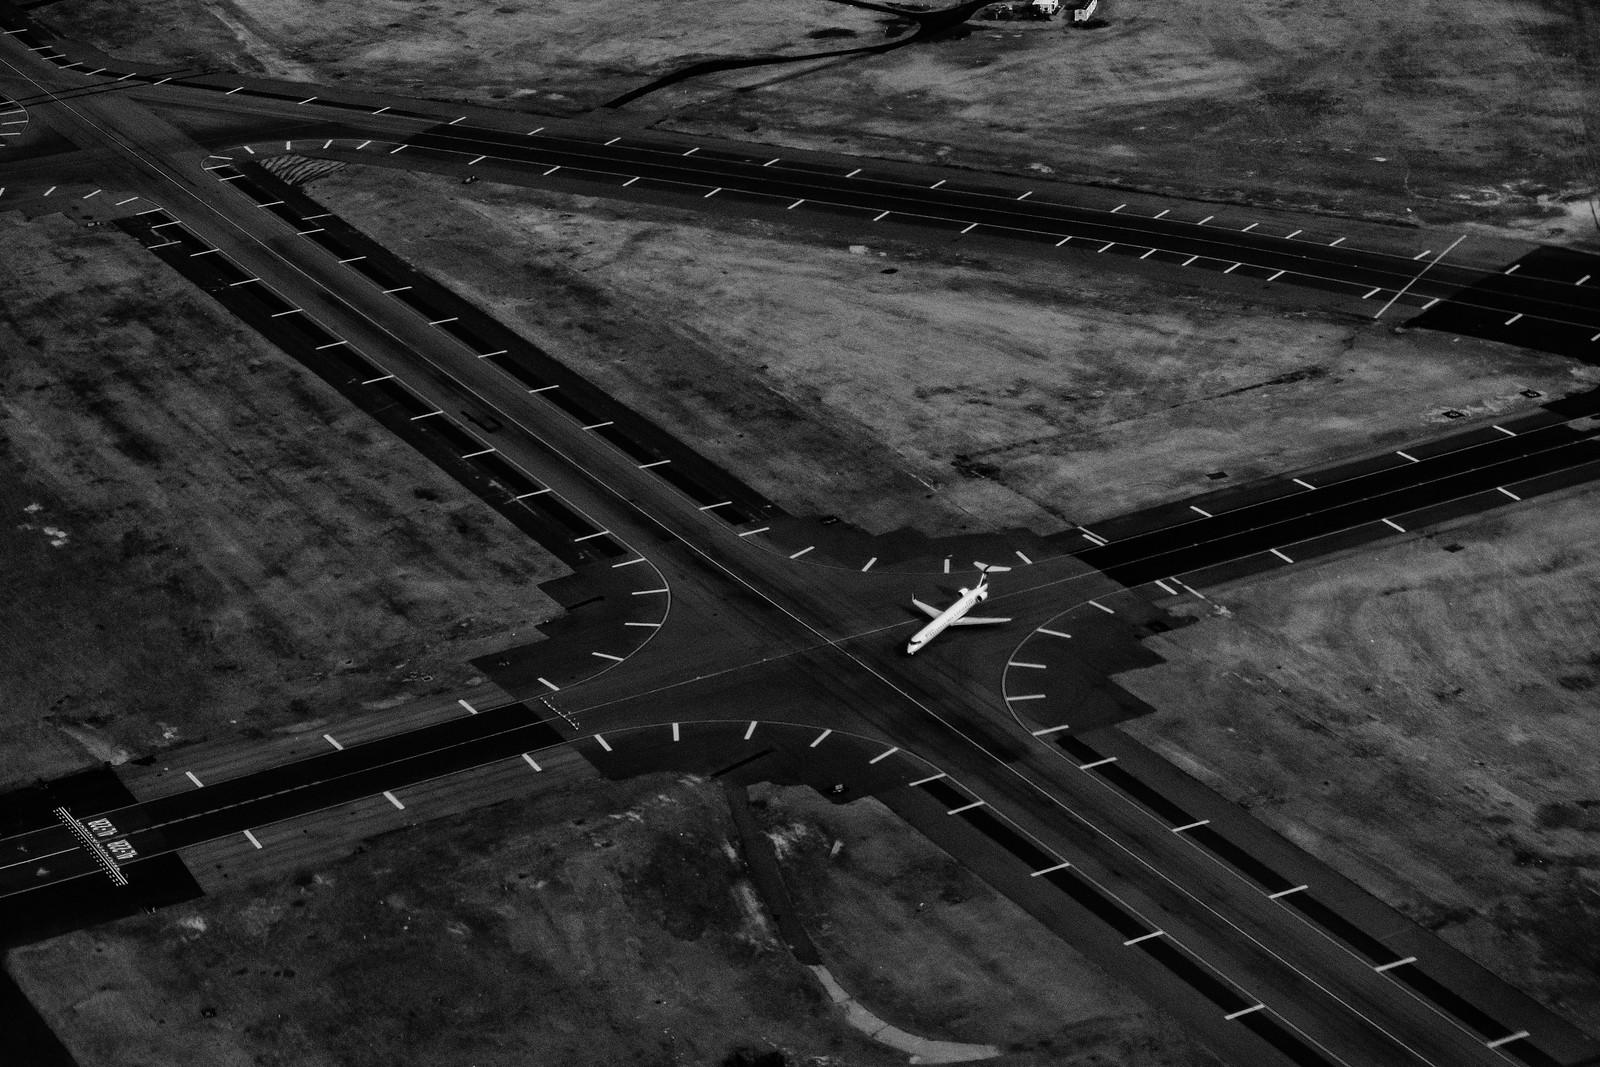 JFK Airport runway